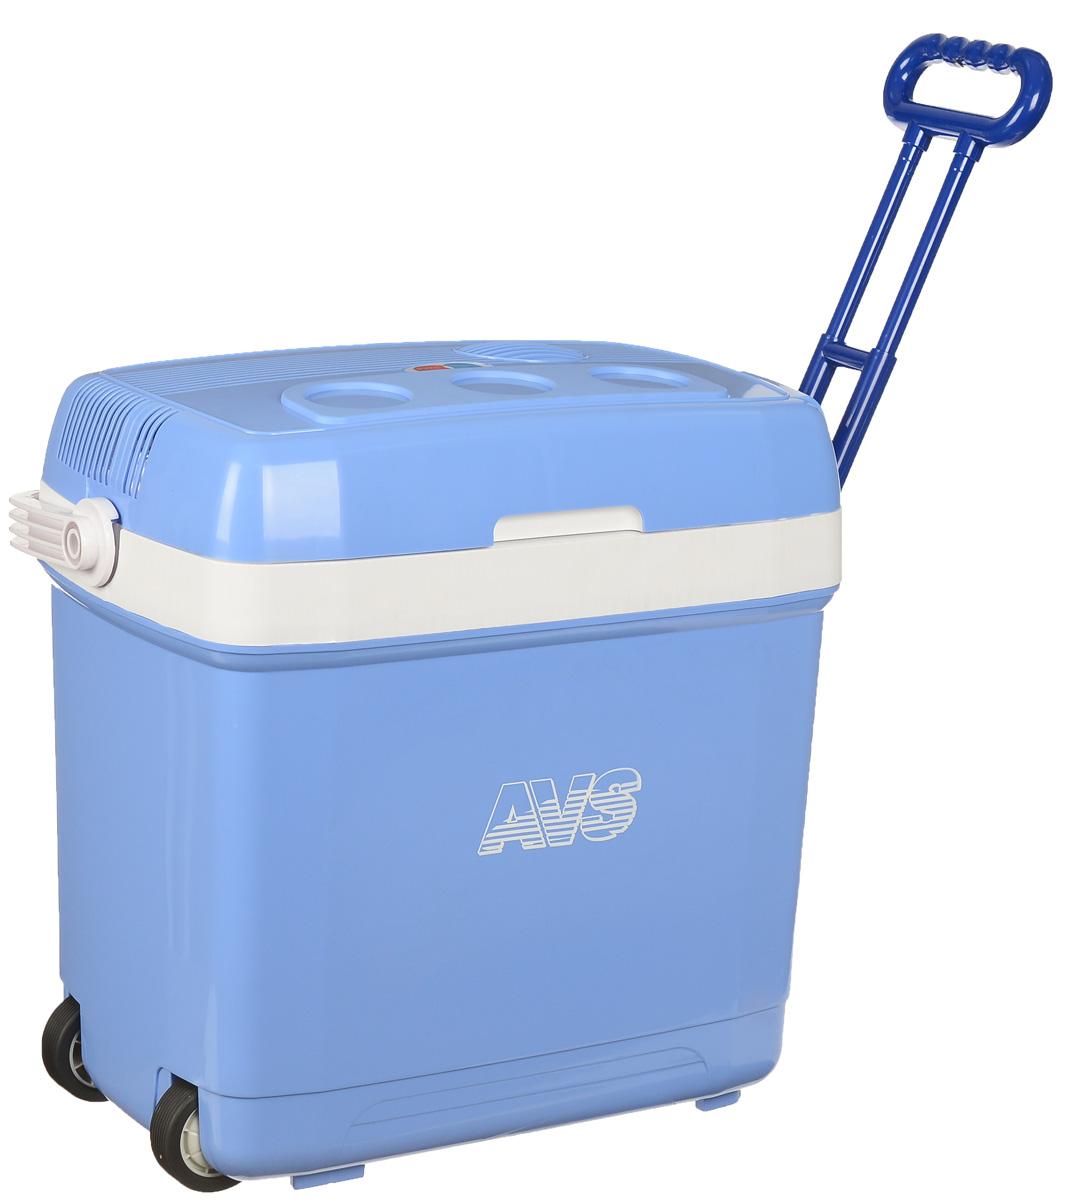 Холодильник автомобильный AVS CC-30B, с ручкой и колесиками, 30 лA80553SАвтомобильный холодильник AVS CC-30В - это незаменимый аксессуар для всех автомобилистов, которые долгое время проводят в дороге. Позволяет сохранить продукты и напитки, которые вы собираетесь взять в дальнюю поездку.Холодильник изготовлен из высокопрочной пластмассы. Вся изоляция выполнена из экологически чистых материалов. Устройство холодильника позволяет переключаться в режим нагрева с увеличением температуры внутри камеры до 65°С.Работает без компрессора и имеет встроенный контроль за состоянием аккумулятора автомобиля. Плотно прилегающая и фиксируемая крышка позволяет использовать холодильник с наибольшим КПД.Для наилучшего рекомендуется использовать аккумуляторы холода AVS.Питание: 220 В/12 В.Мощность в режиме охлаждения: 42 Вт.Емкость: 30 л.Принцип работы по эффекту Пельтье.Максимальное охлаждение: 15-18°С от температуры окружающей среды.Максимальный нагрев: до 65°С.Минимальная температура охлаждения: +5°С (при температуре окружающей среды не выше +23°С и непрерывной работе не менее 3 часов).Подстаканники на верхней крышке.Оснащен колесиками и ручкой.Вес: 6,25 кг.